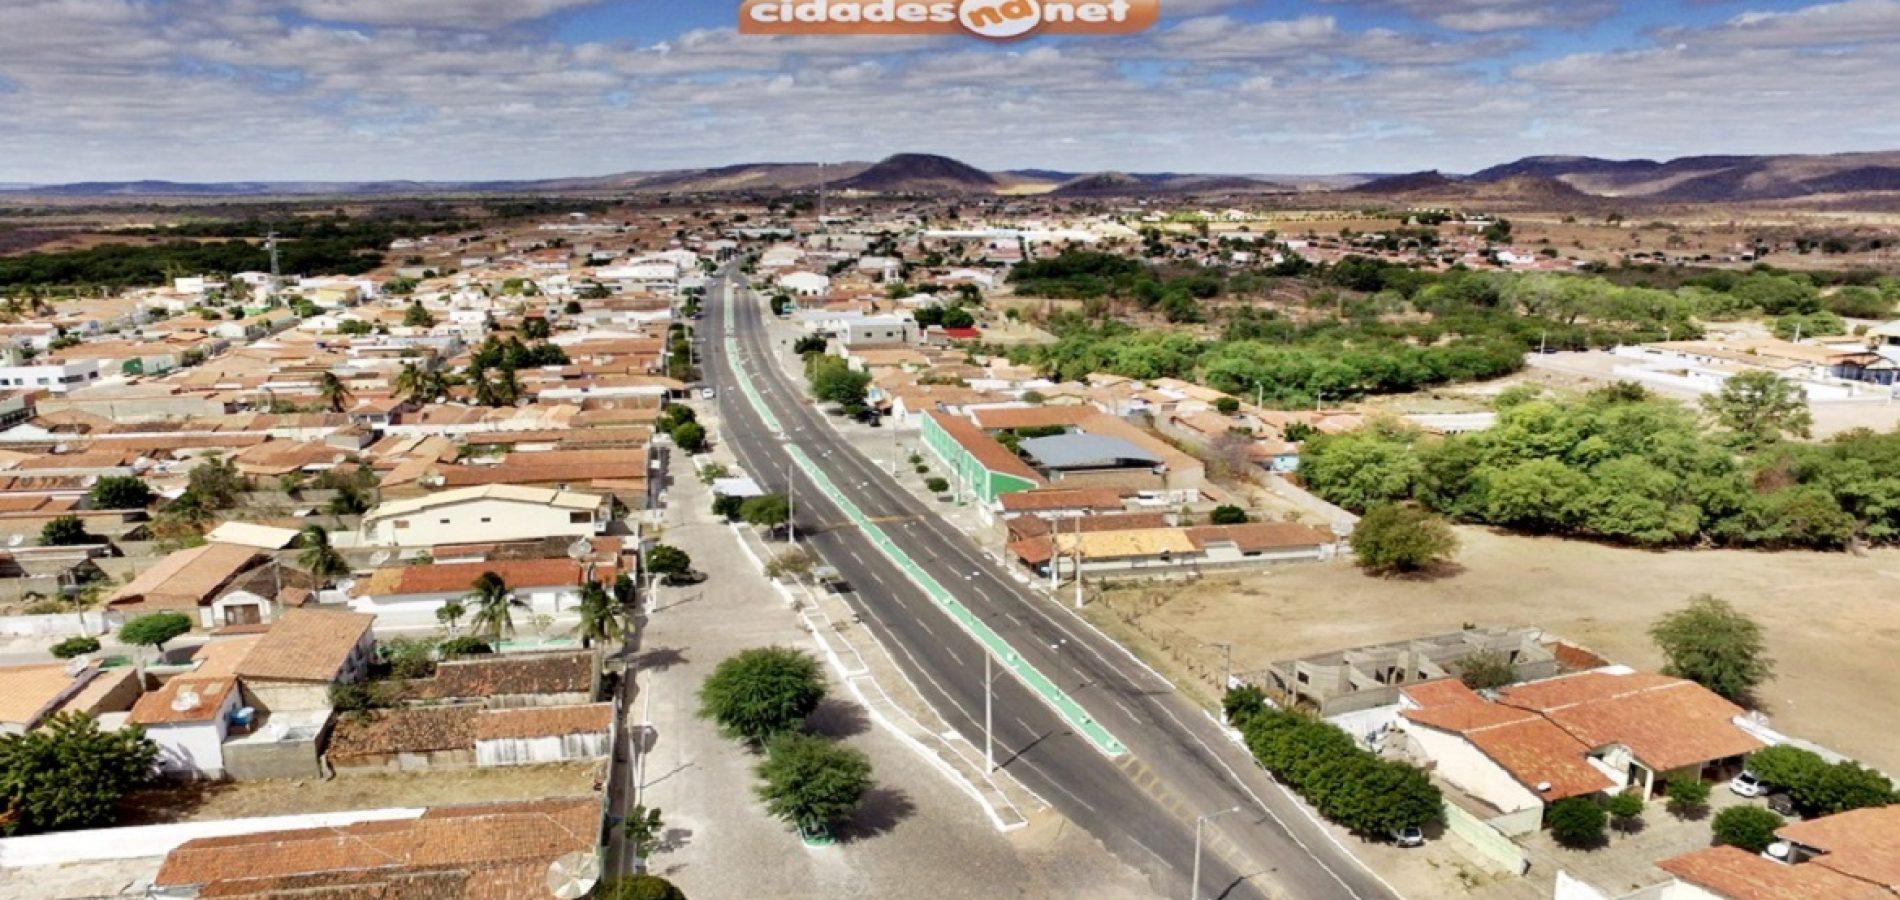 Fronteiras Piauí fonte: cidadesnanet.com